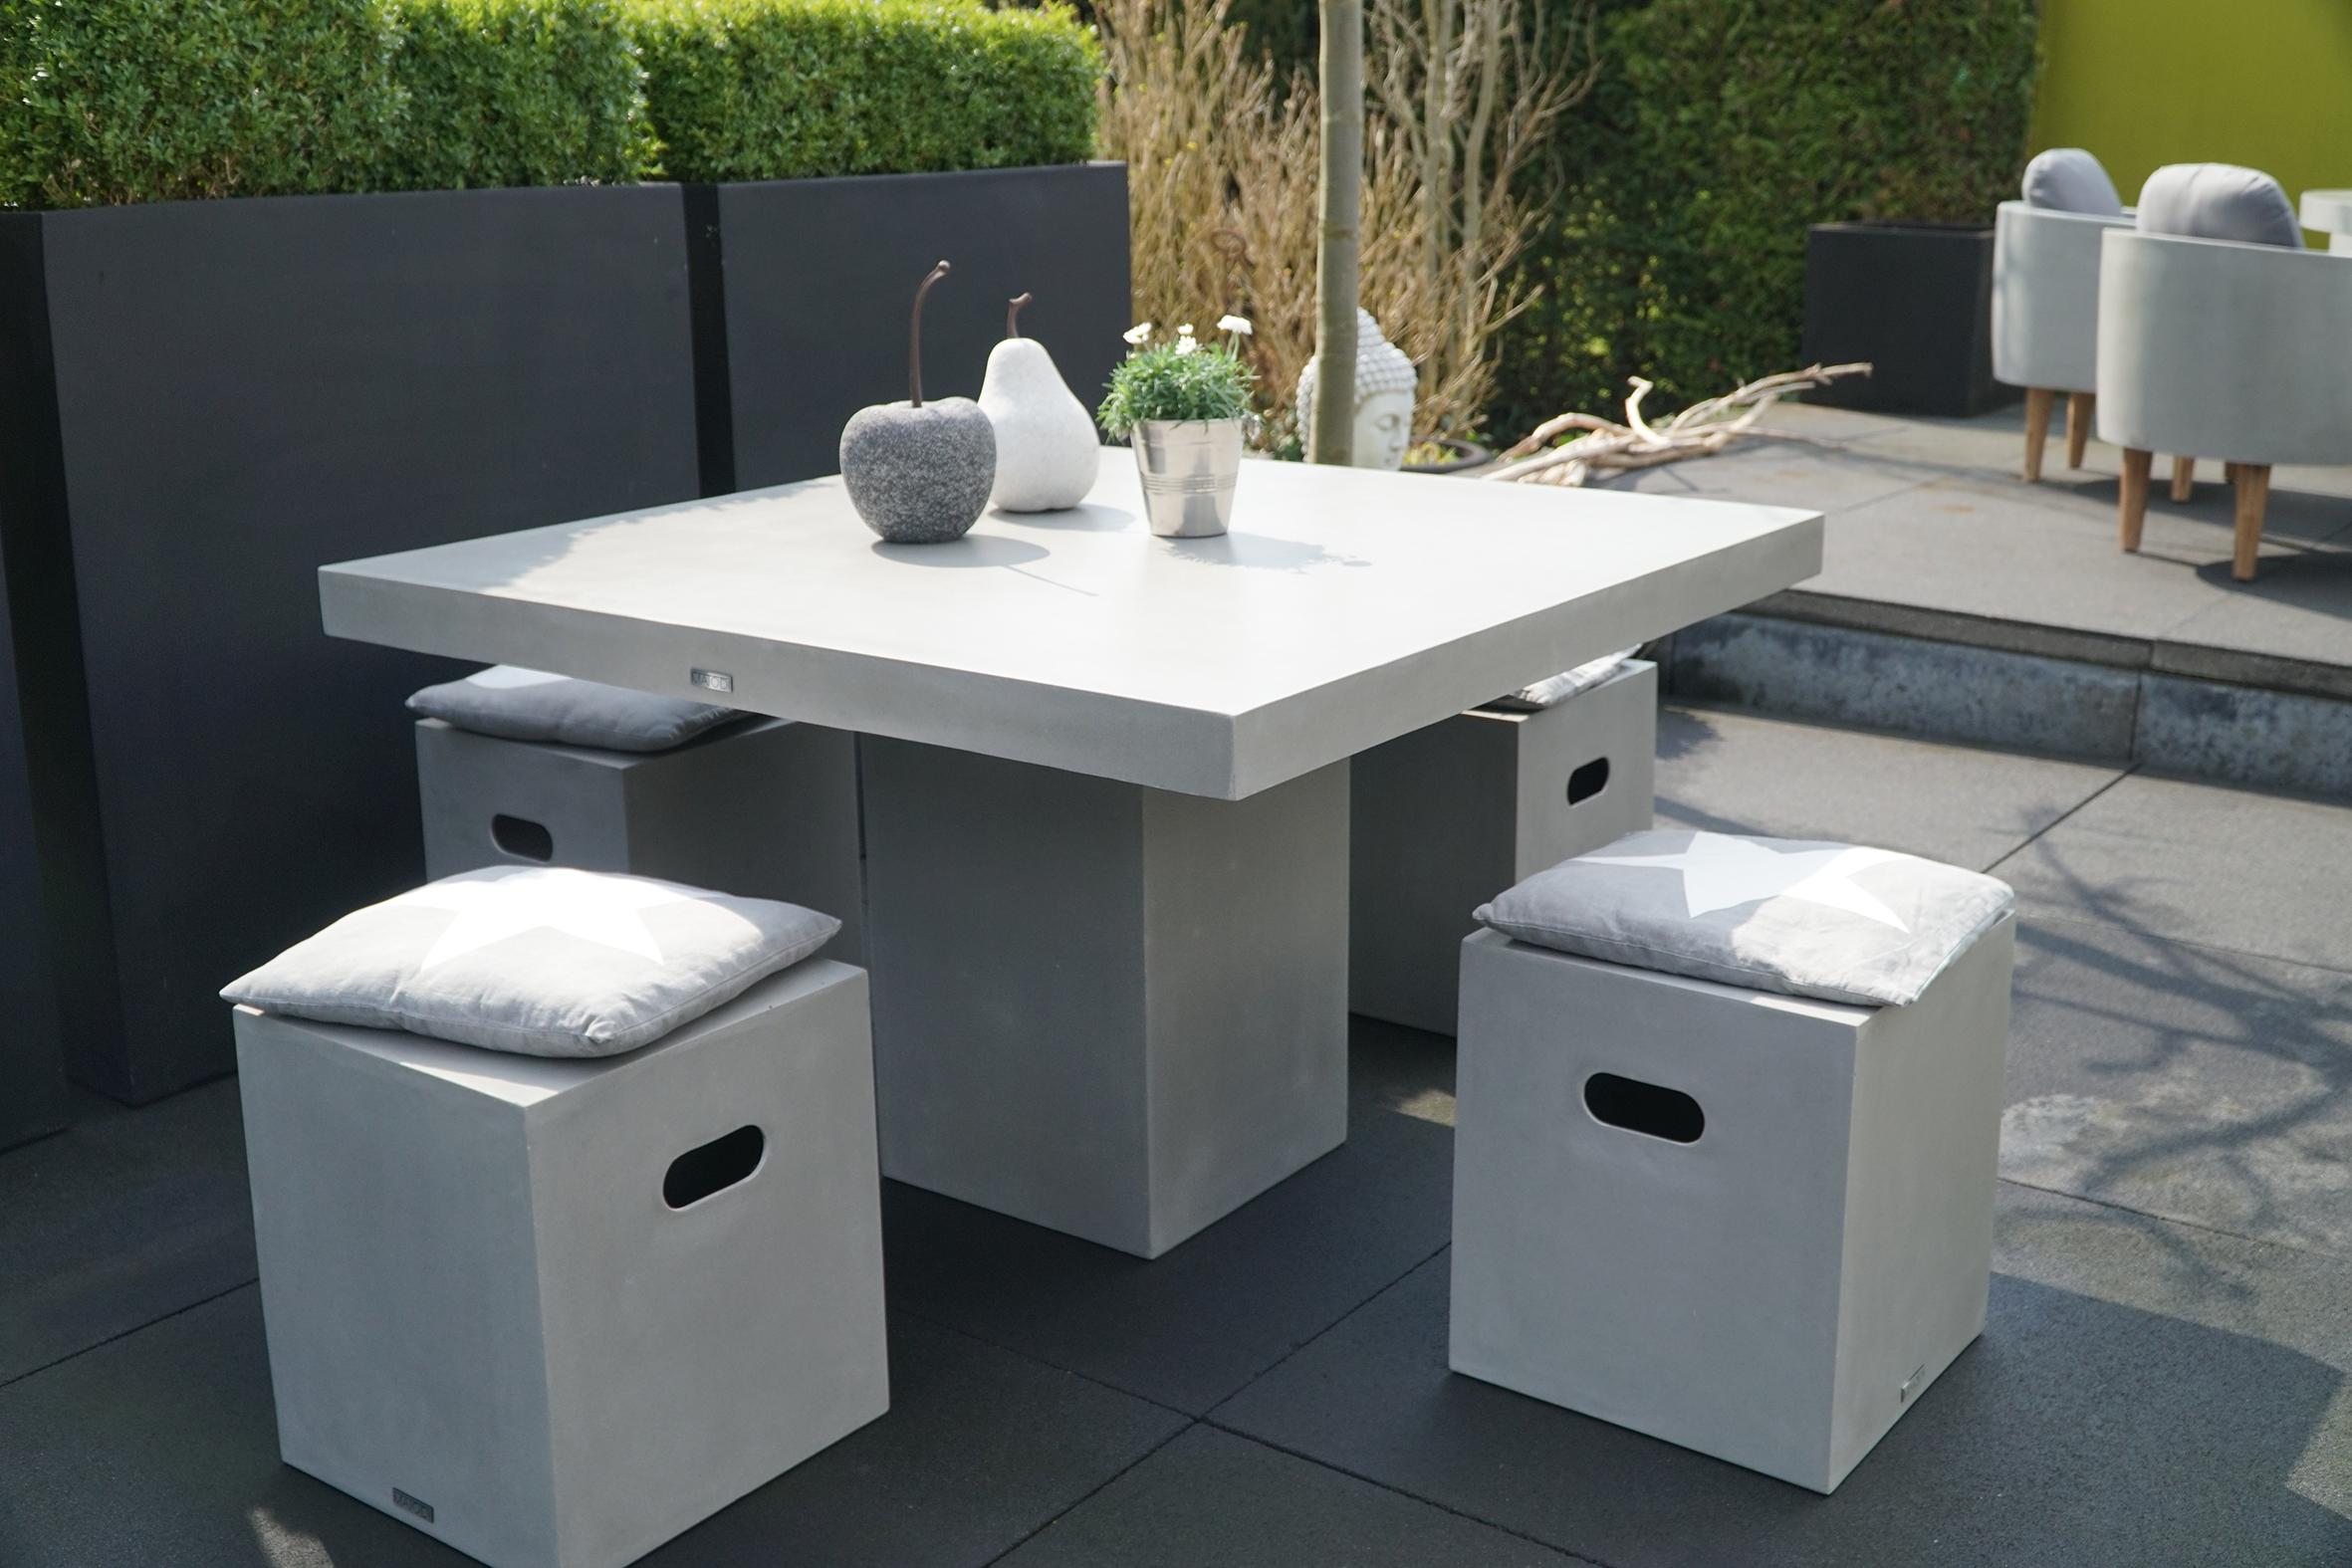 modernes möbelset cube | fiberstone beton gartenmöbel wohnmöbel